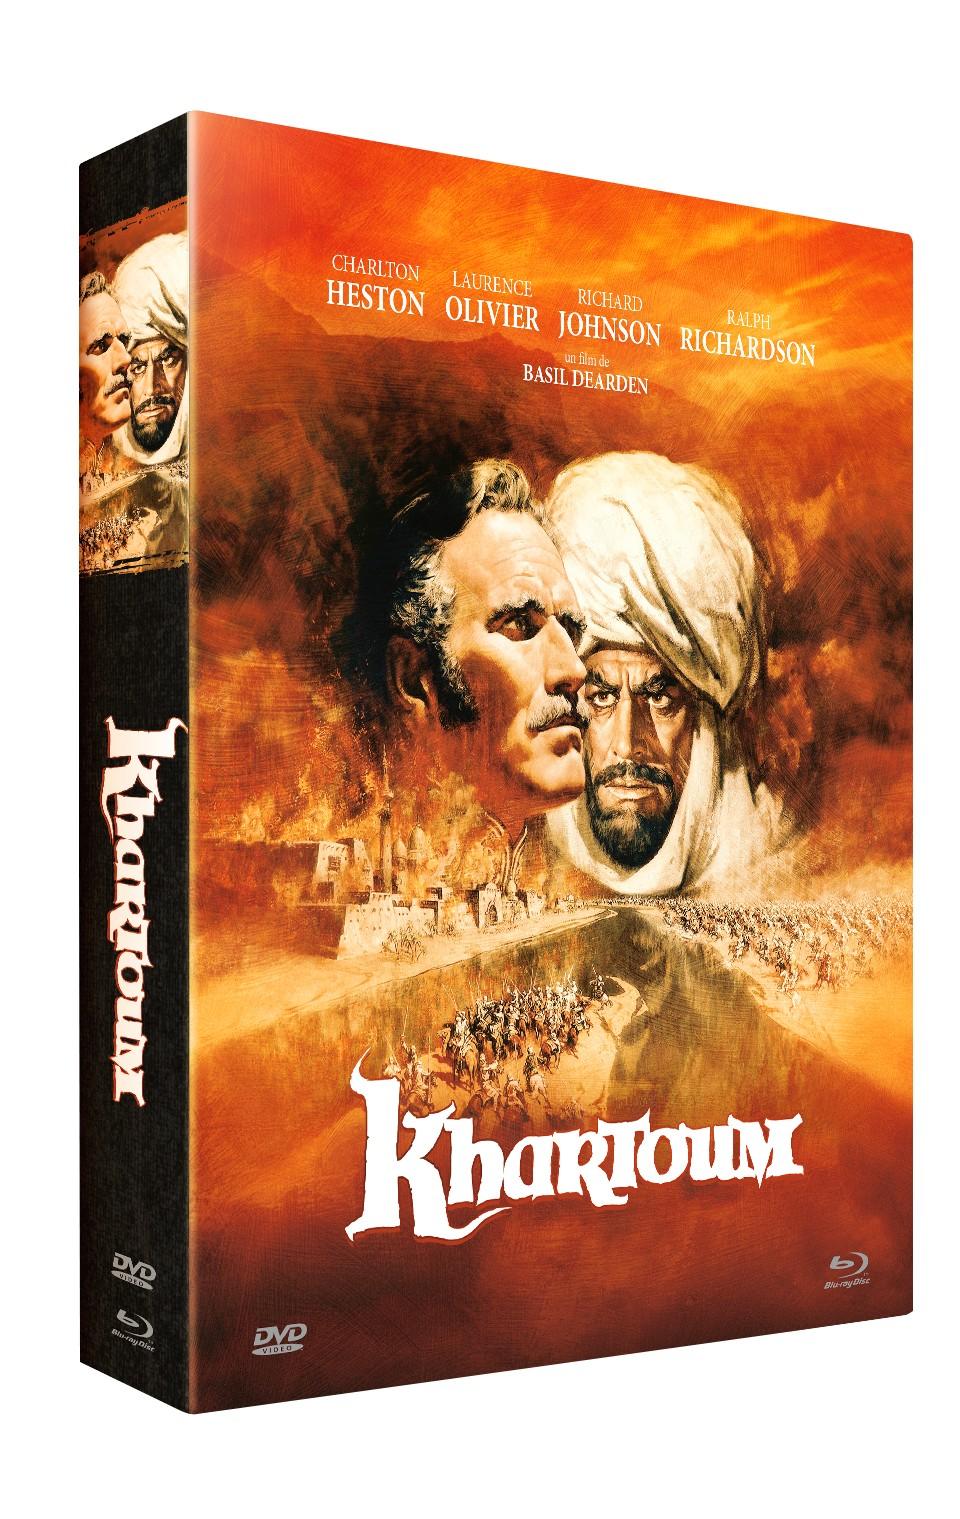 KHARTOUM - BRD